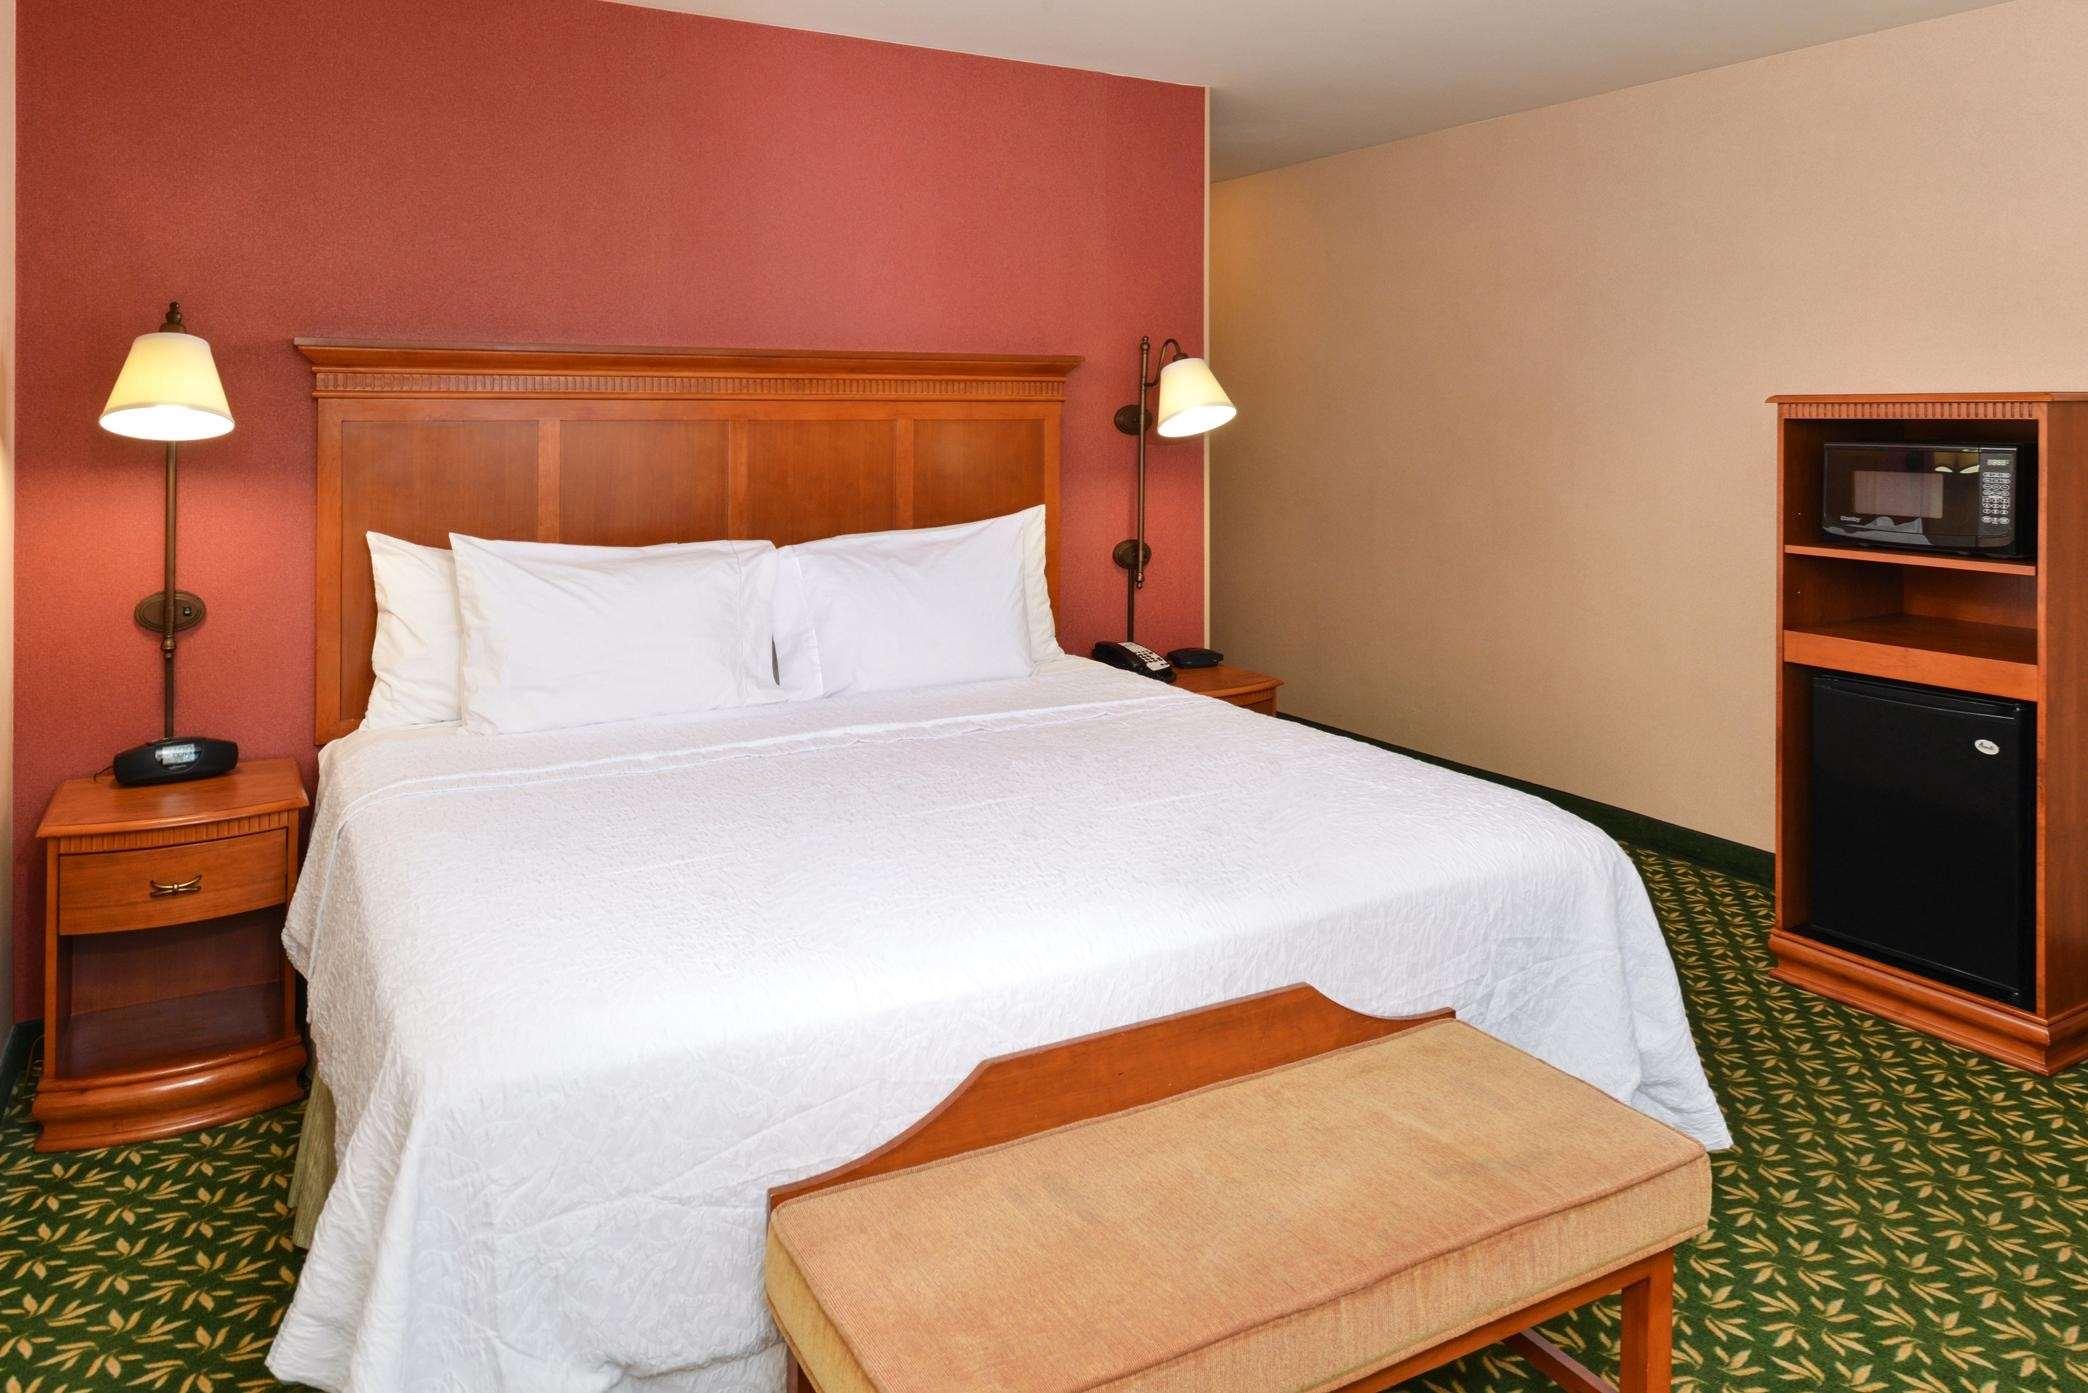 Hampton Inn & Suites Casper image 20